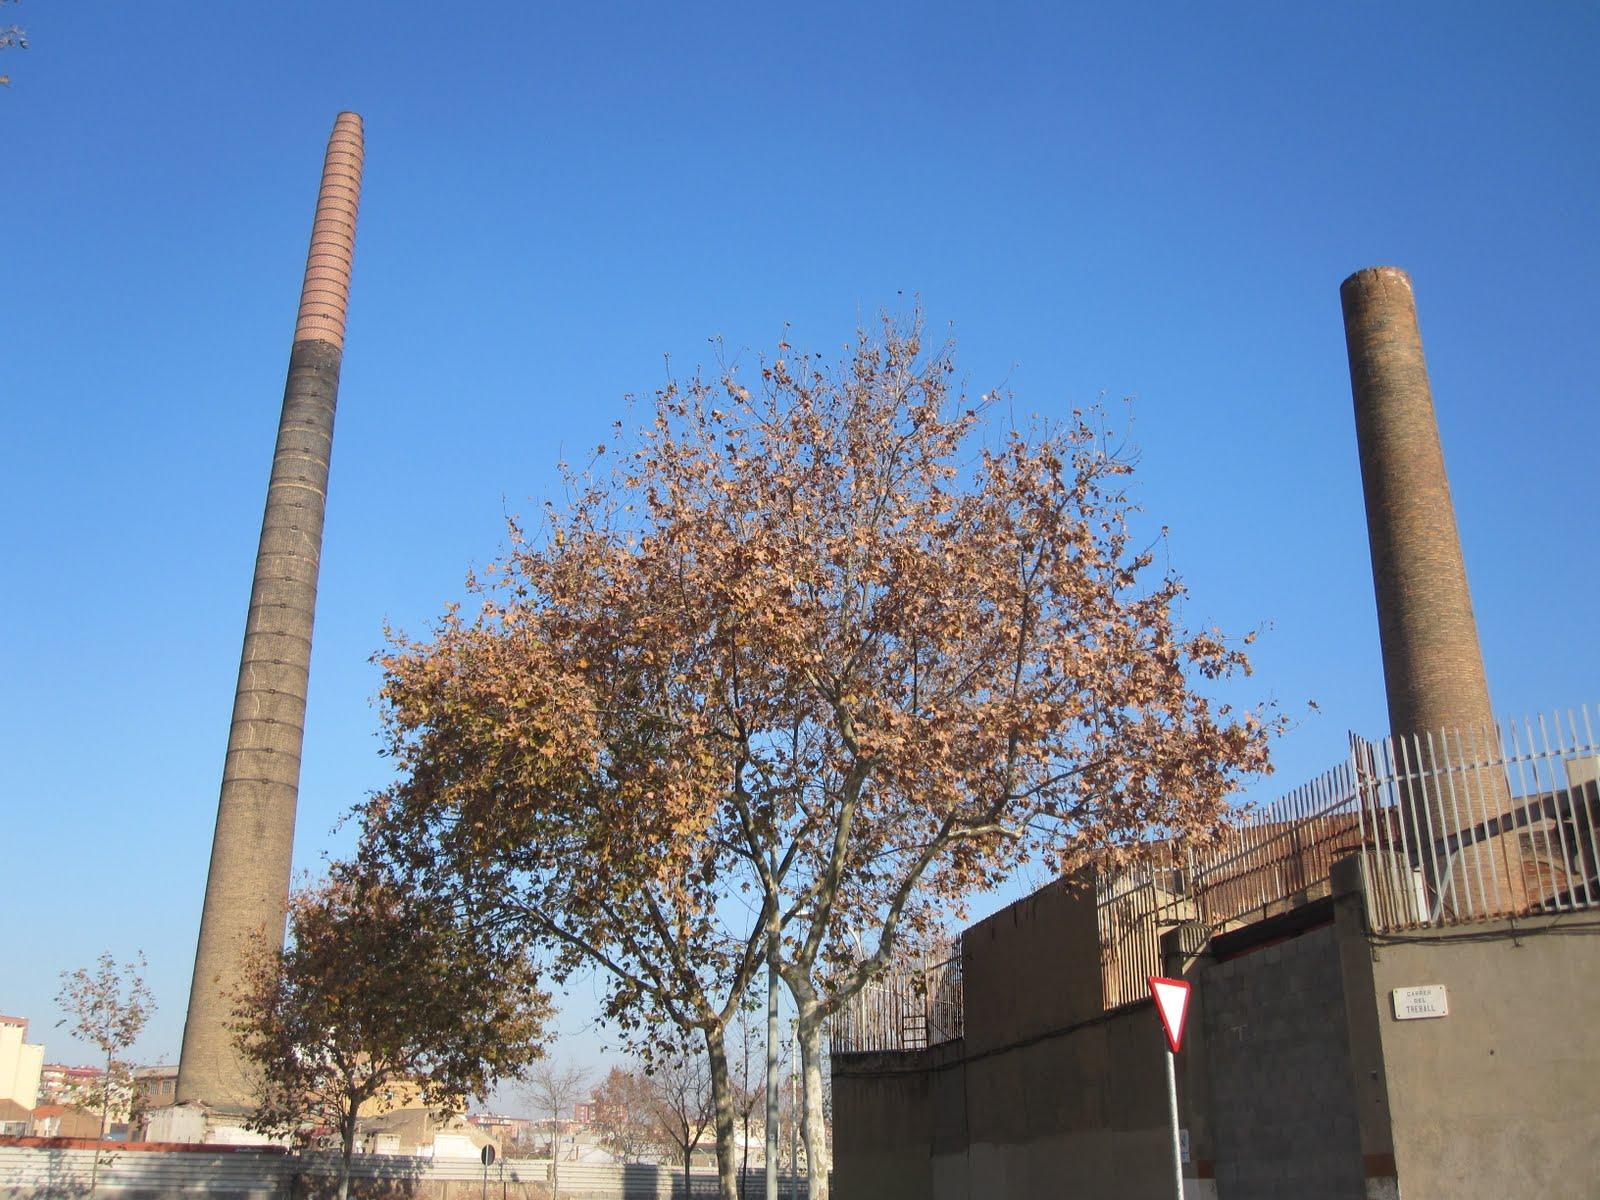 Tot barcelona la chimenea m s alta de sant mart de proven als - Chimeneas barcelona ...